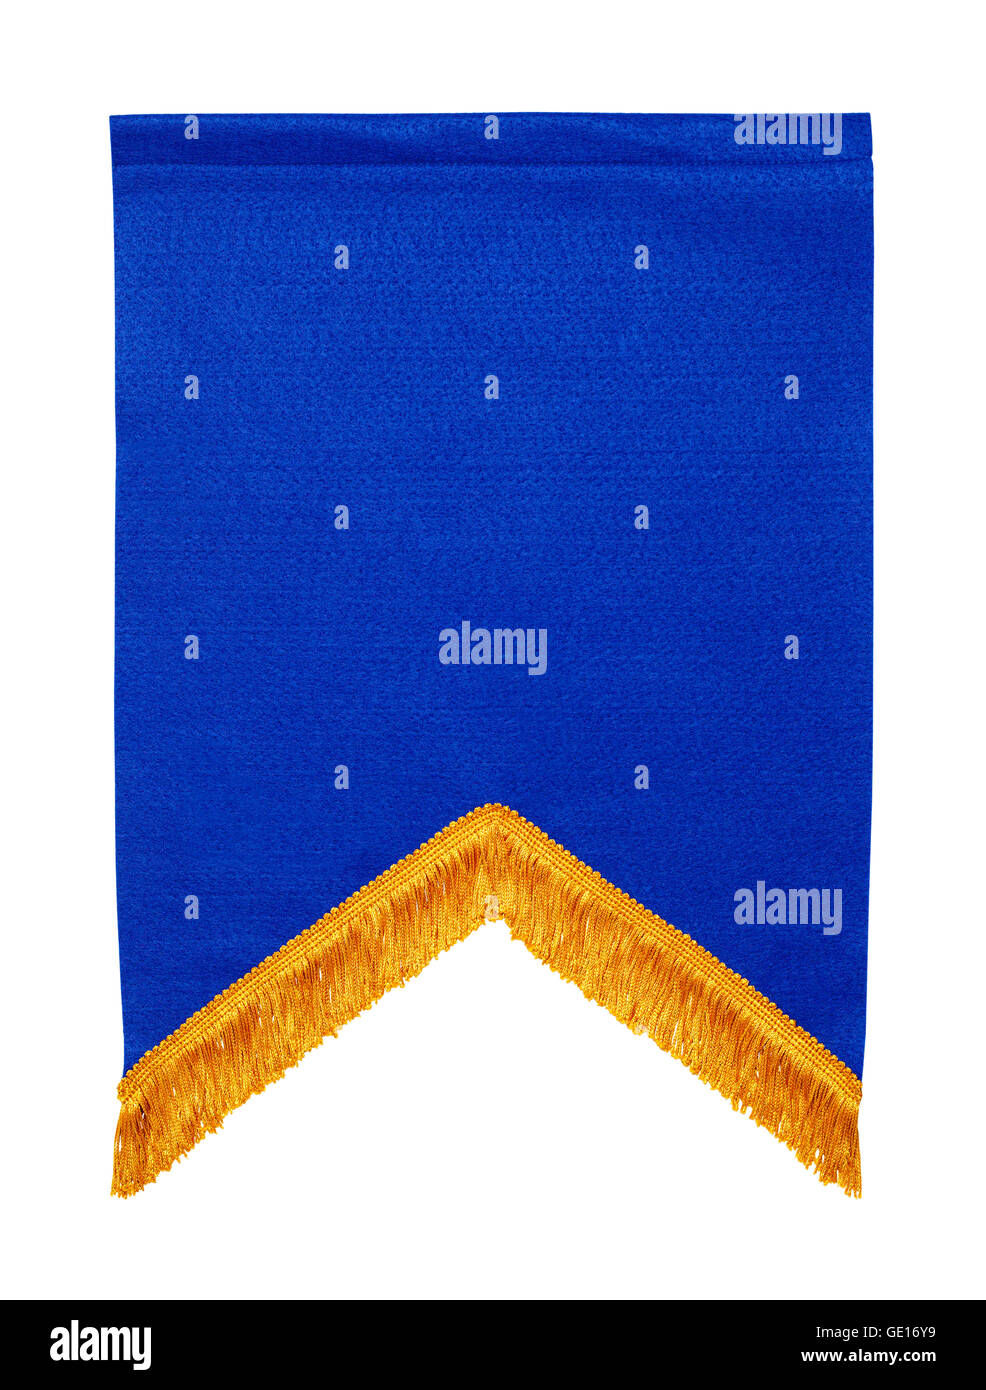 Blue Felt Award Banner Isolated on White Background. - Stock Image